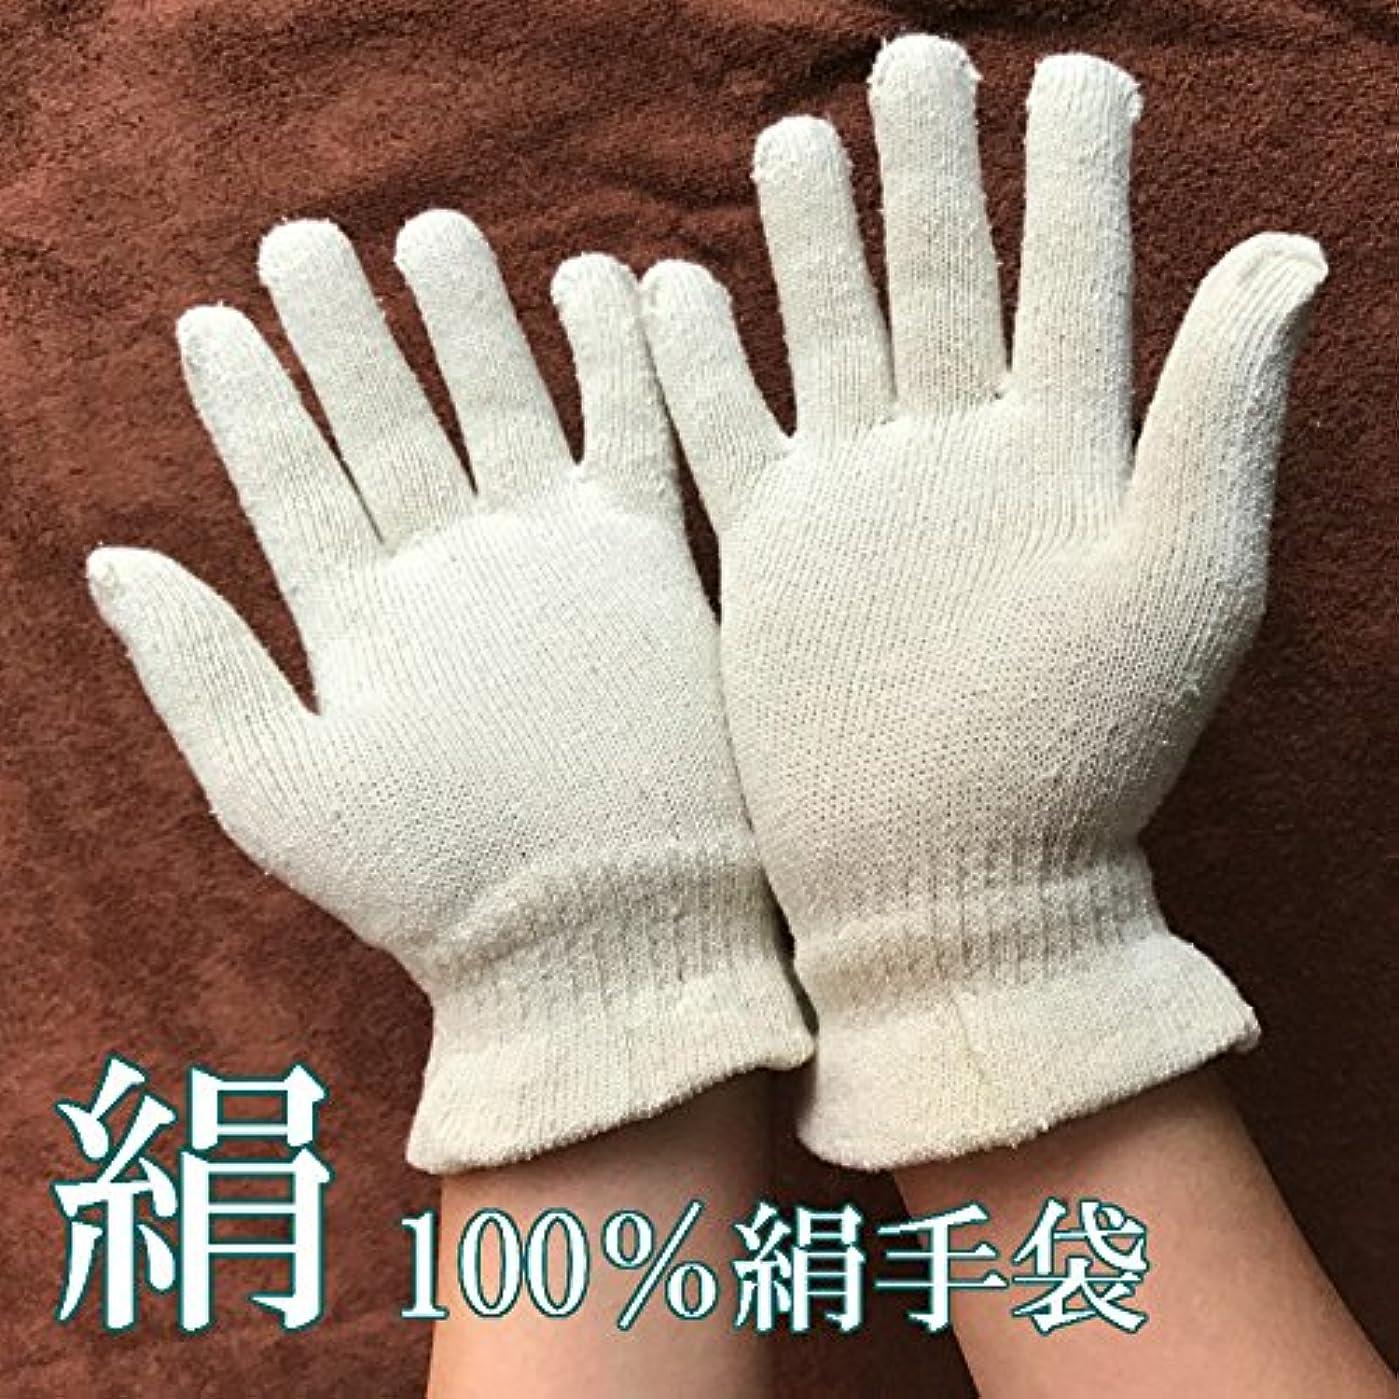 盟主純度バースト絹手袋 シルク手袋 ガルシャナ アーユルヴェーダ